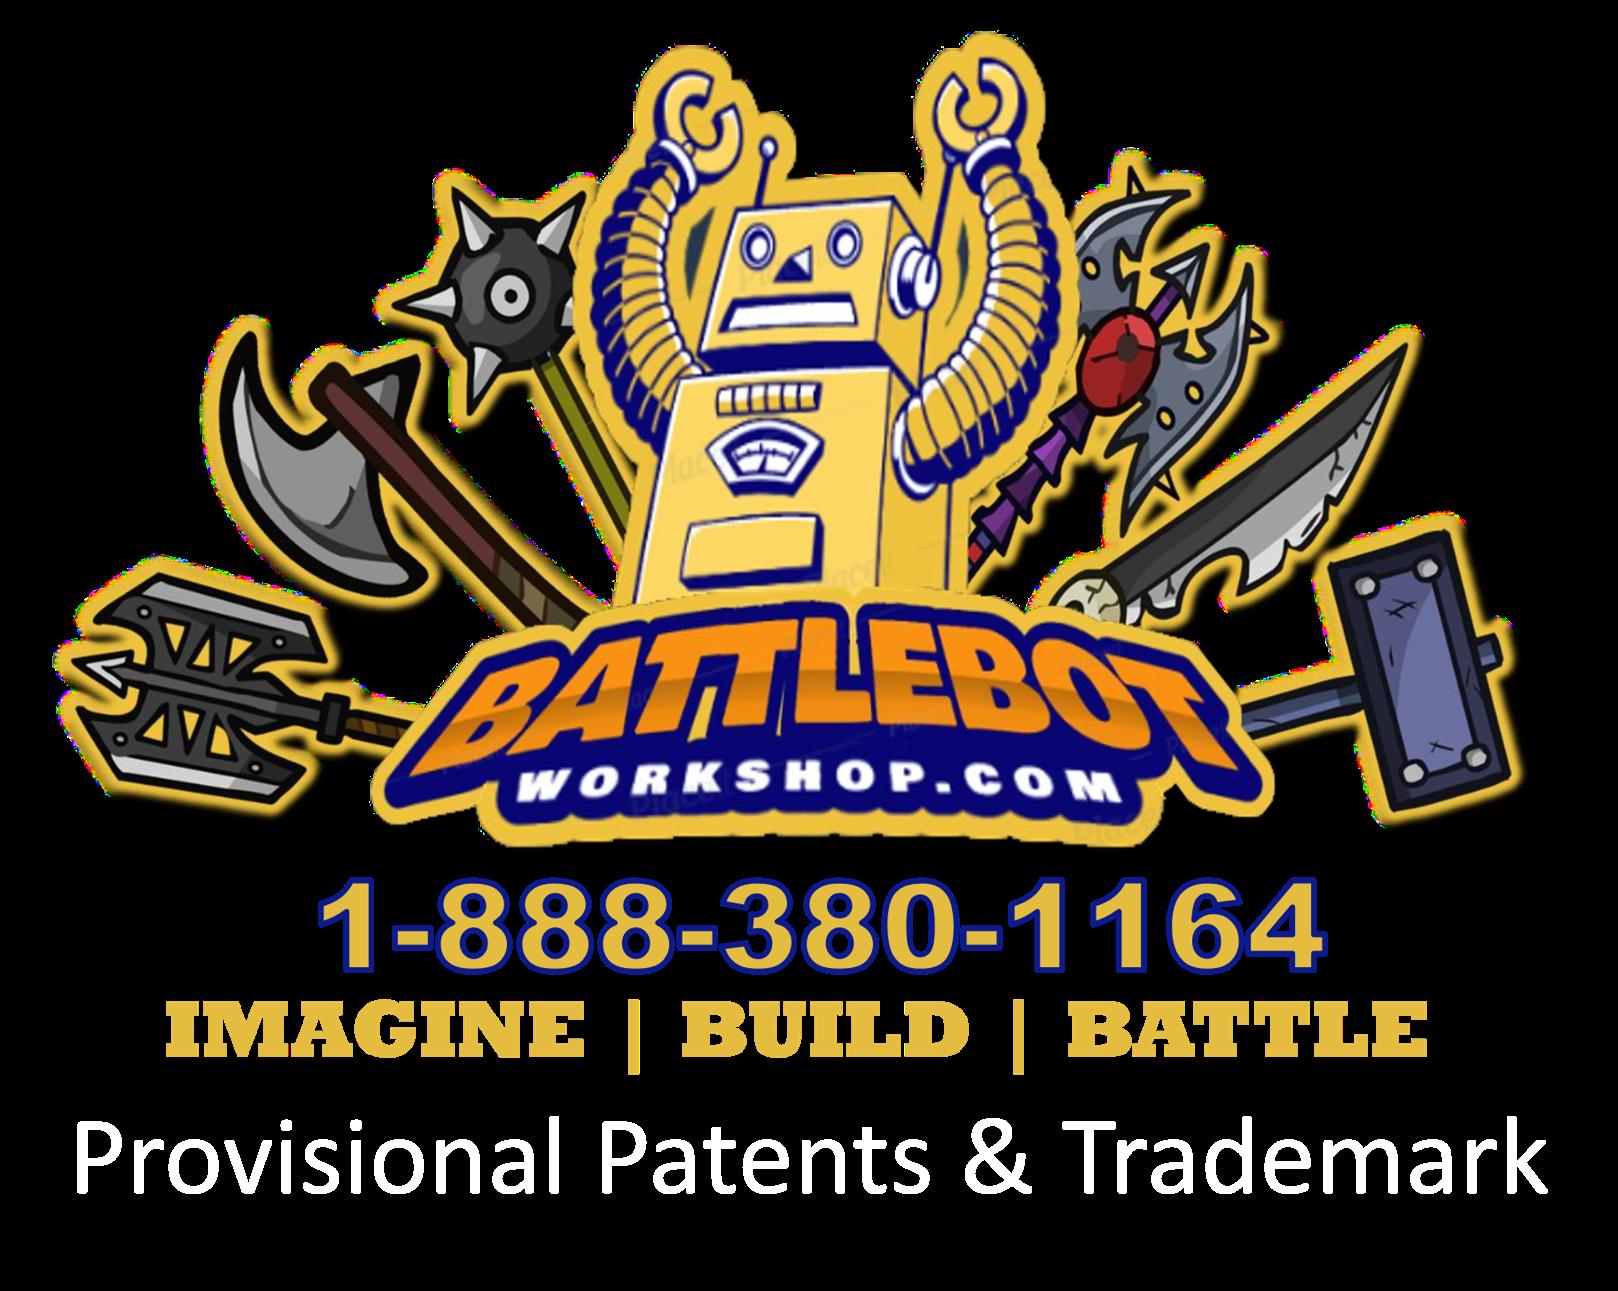 BattleBot Workshop